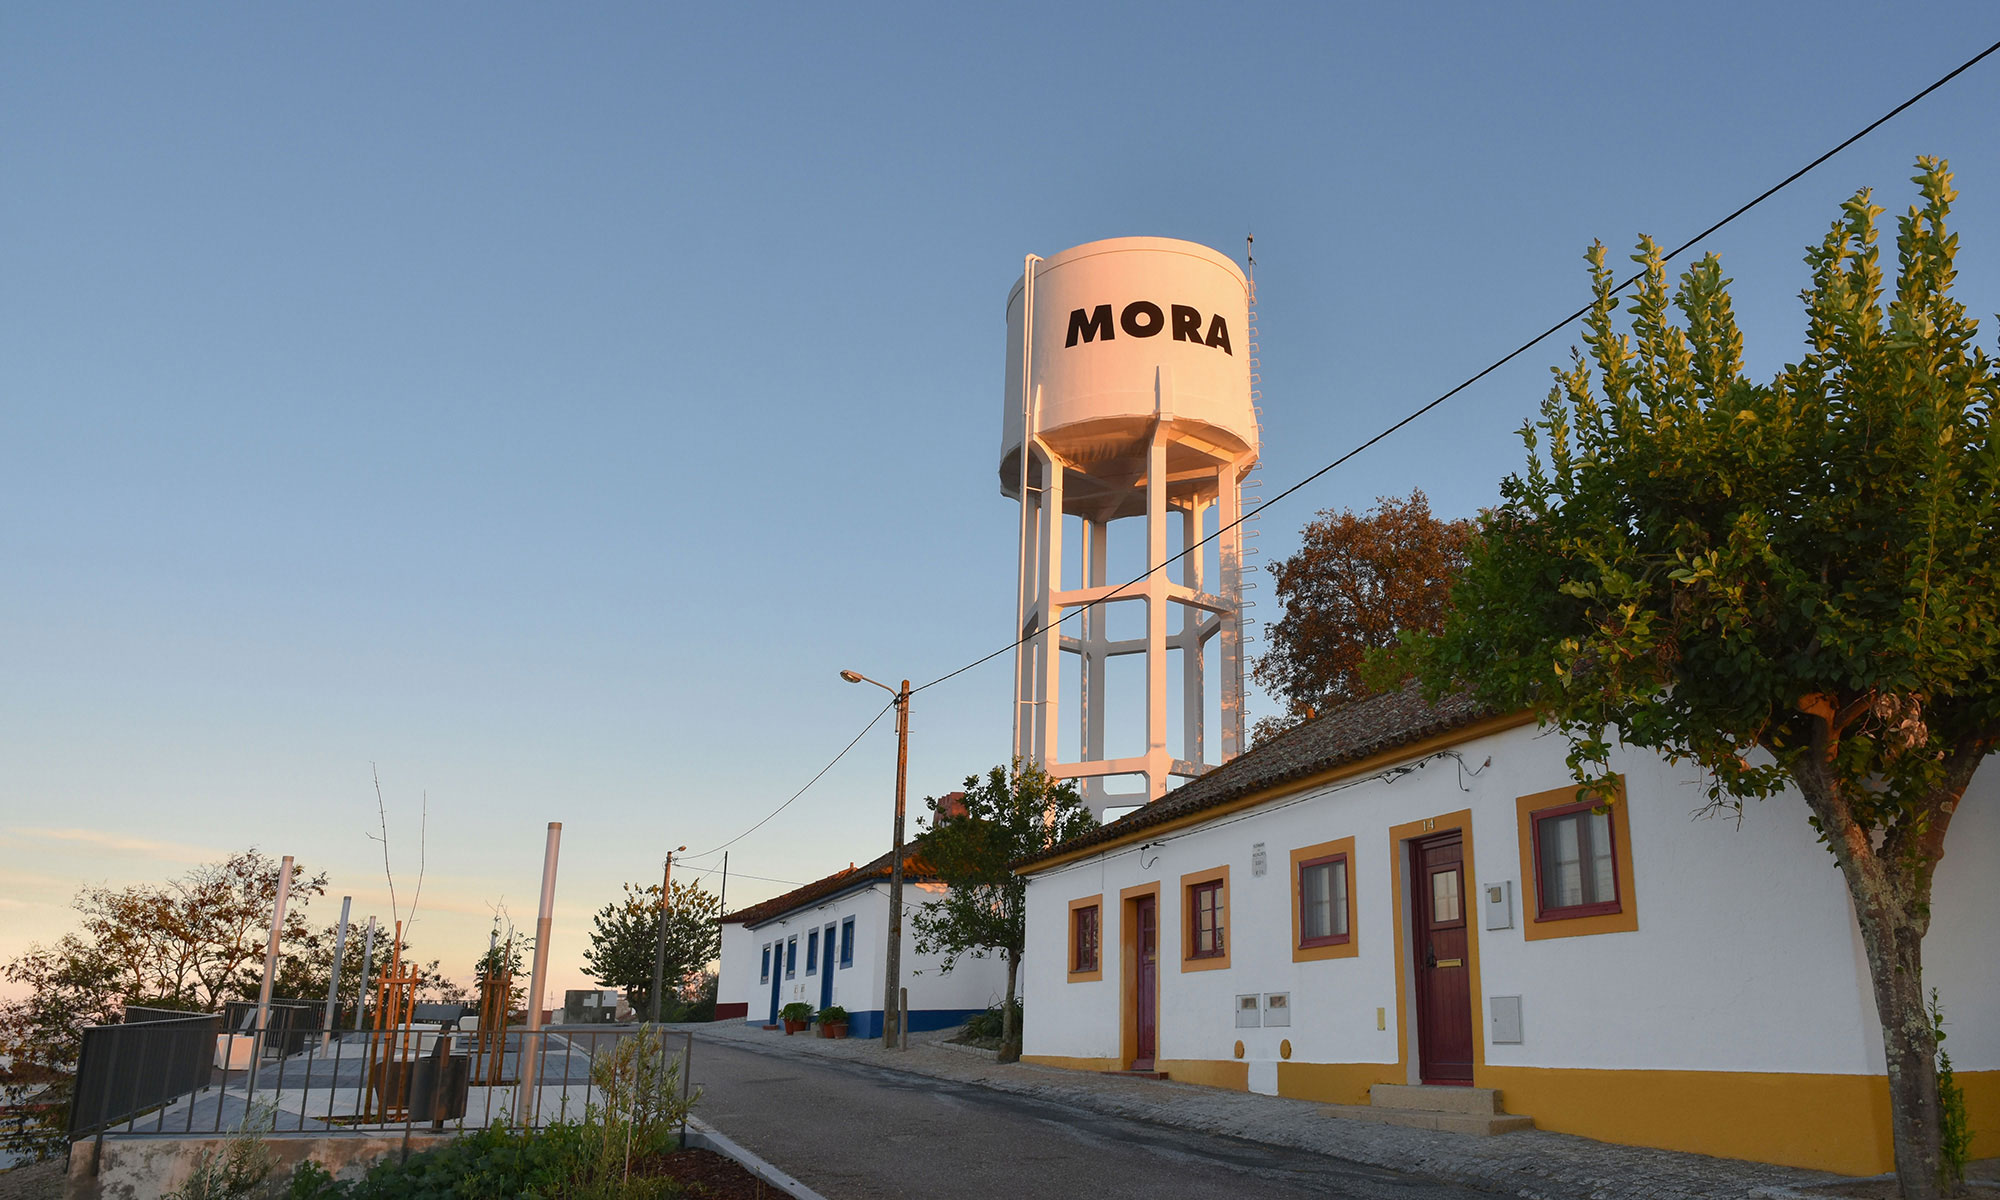 Junta de Freguesia de Mora